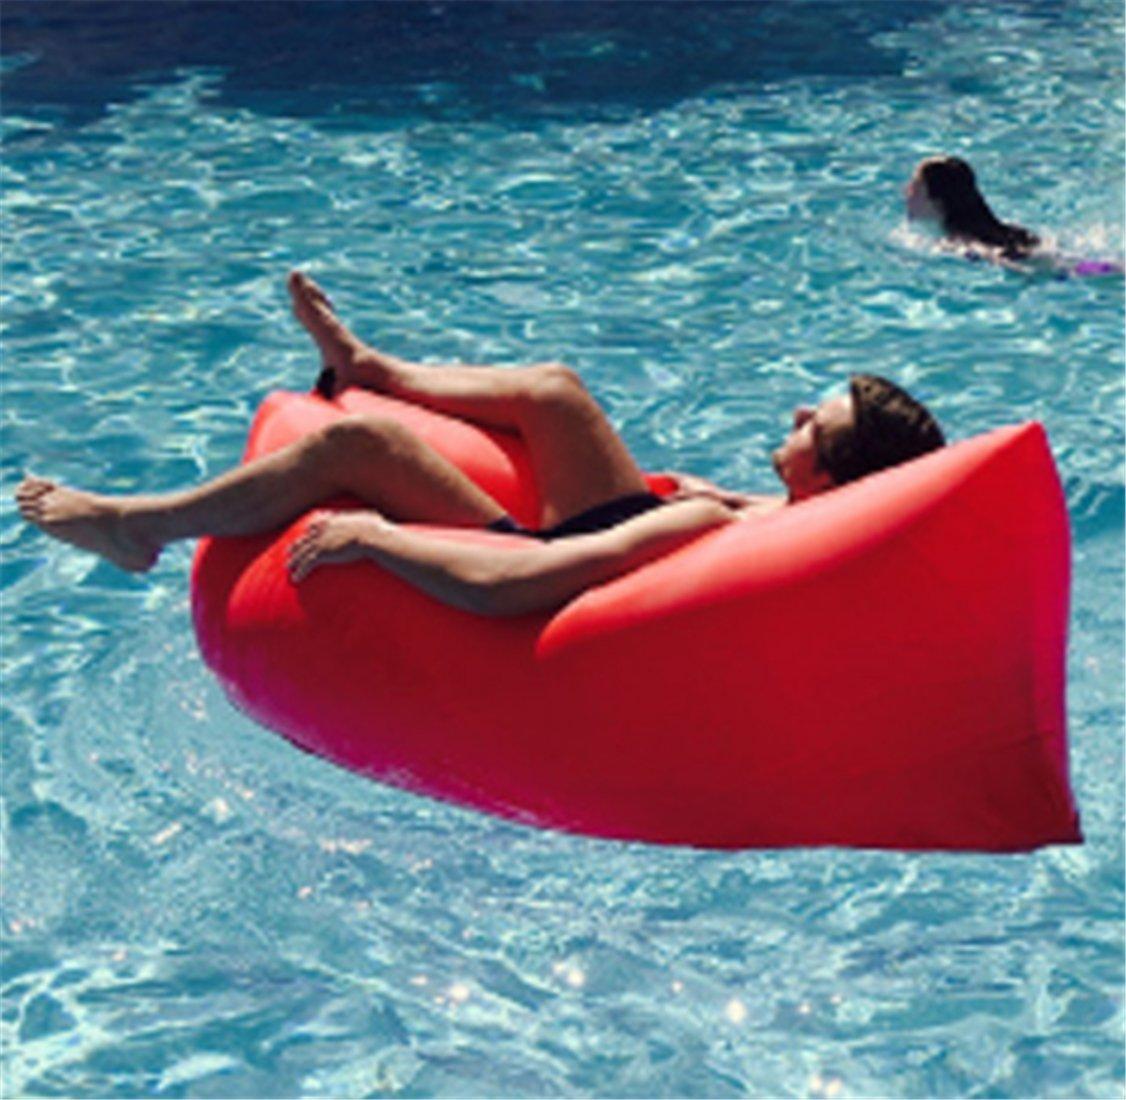 Yeying123 Aufblasbares Sofa-Im Freien Tragbare Luft-Sofa-Taschen-Aufblasbare Blatt-Freizeit-Schnelles Aufblasbares Bett-Liege-Strand-Sofa,2